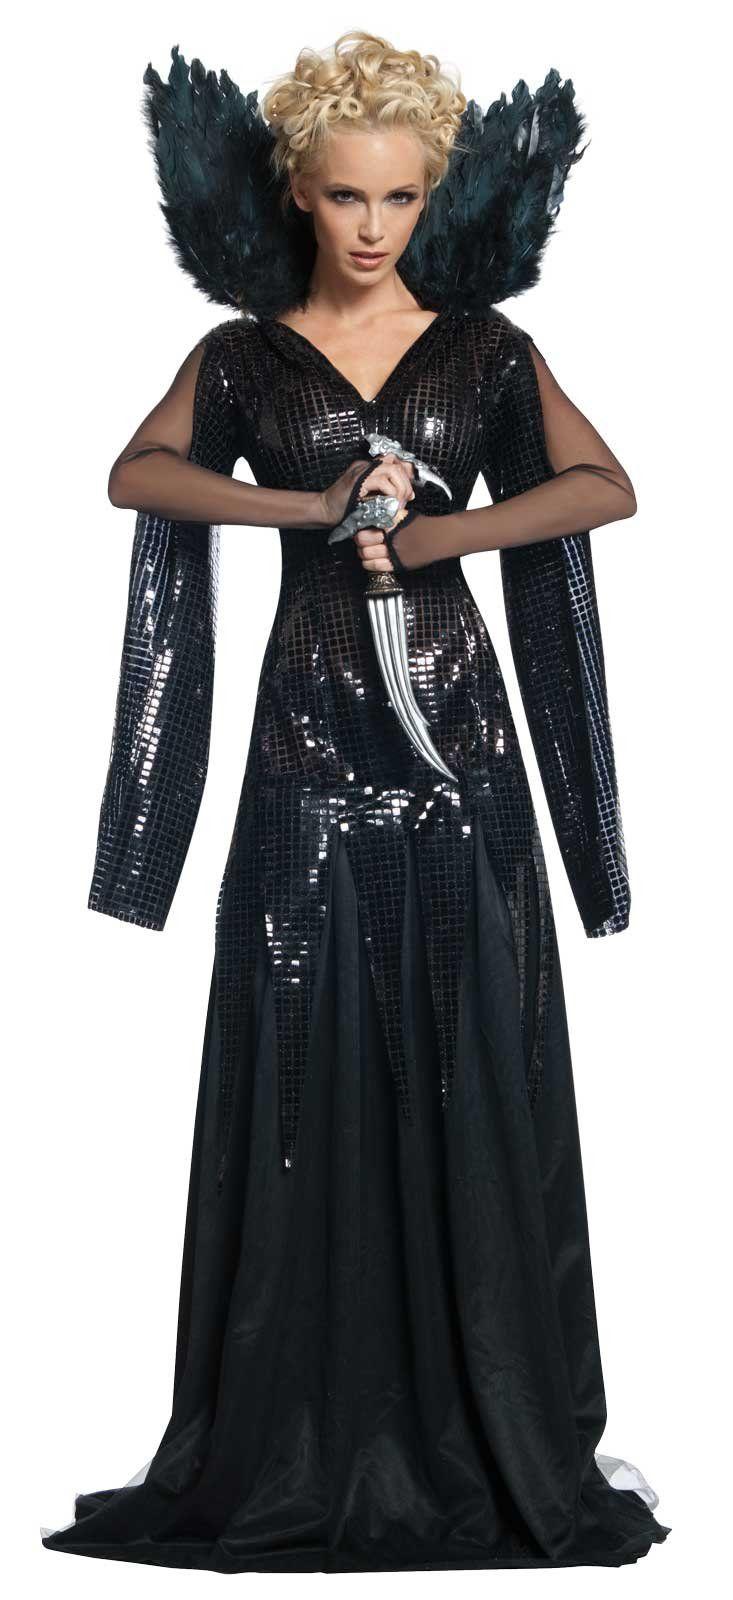 Queen Ravenna Halloween Costume